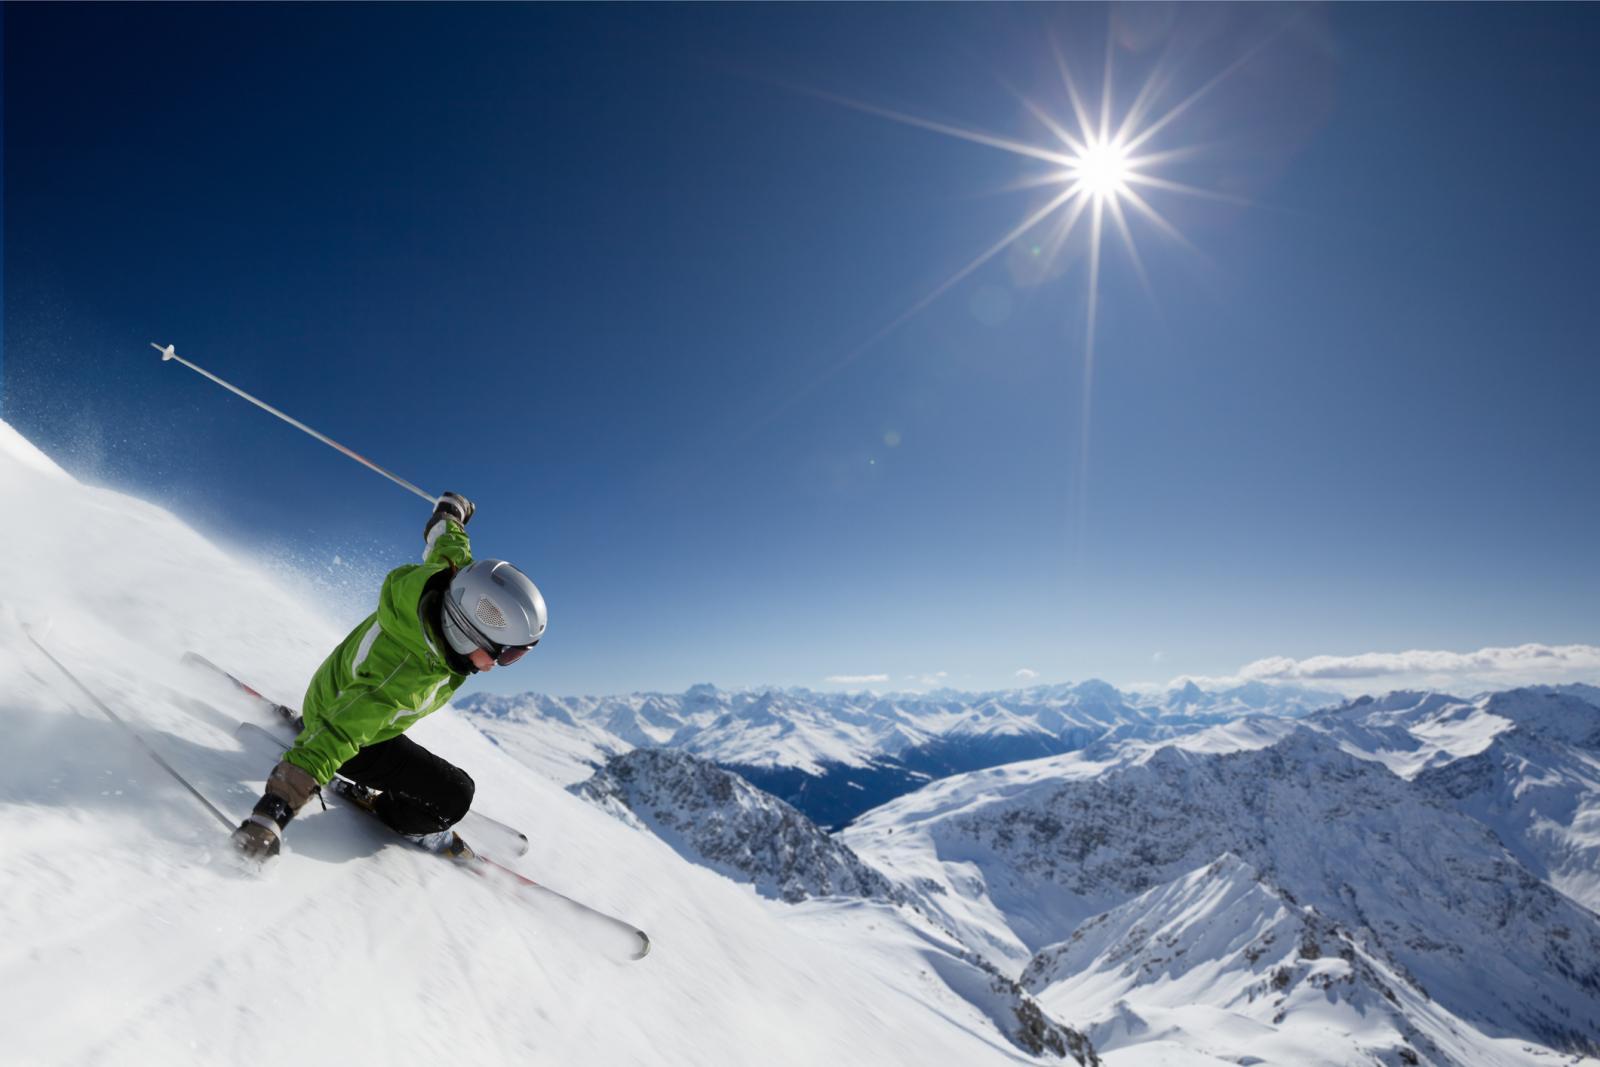 Wintersporten in Zwitserland